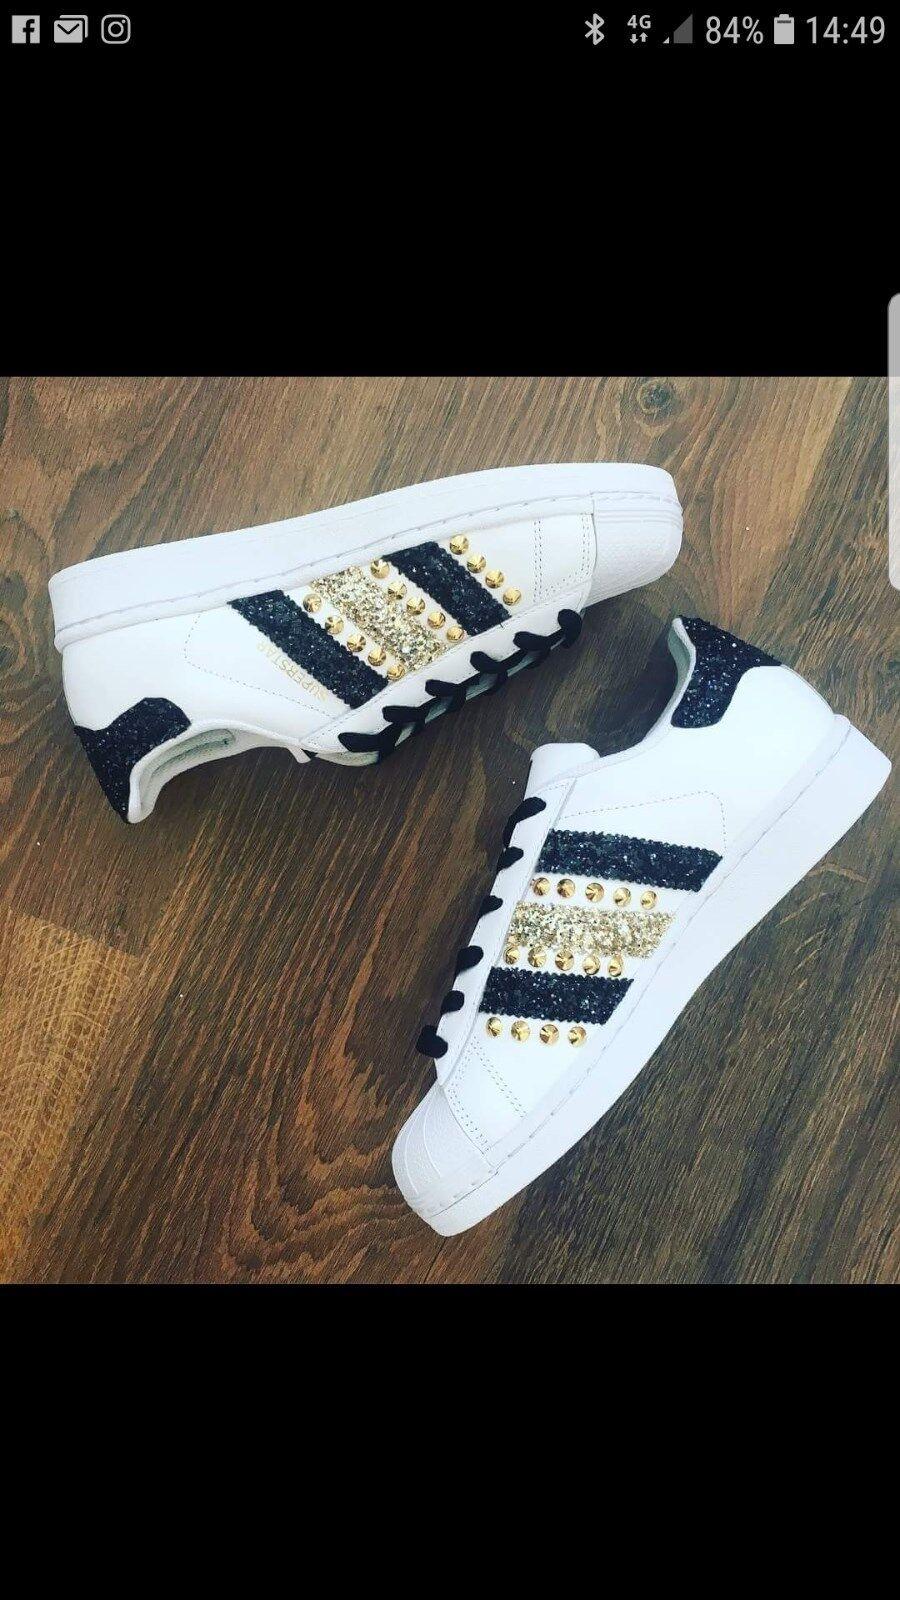 zapatos superstar adidas superstar zapatos con glitter e borchie b58cd8